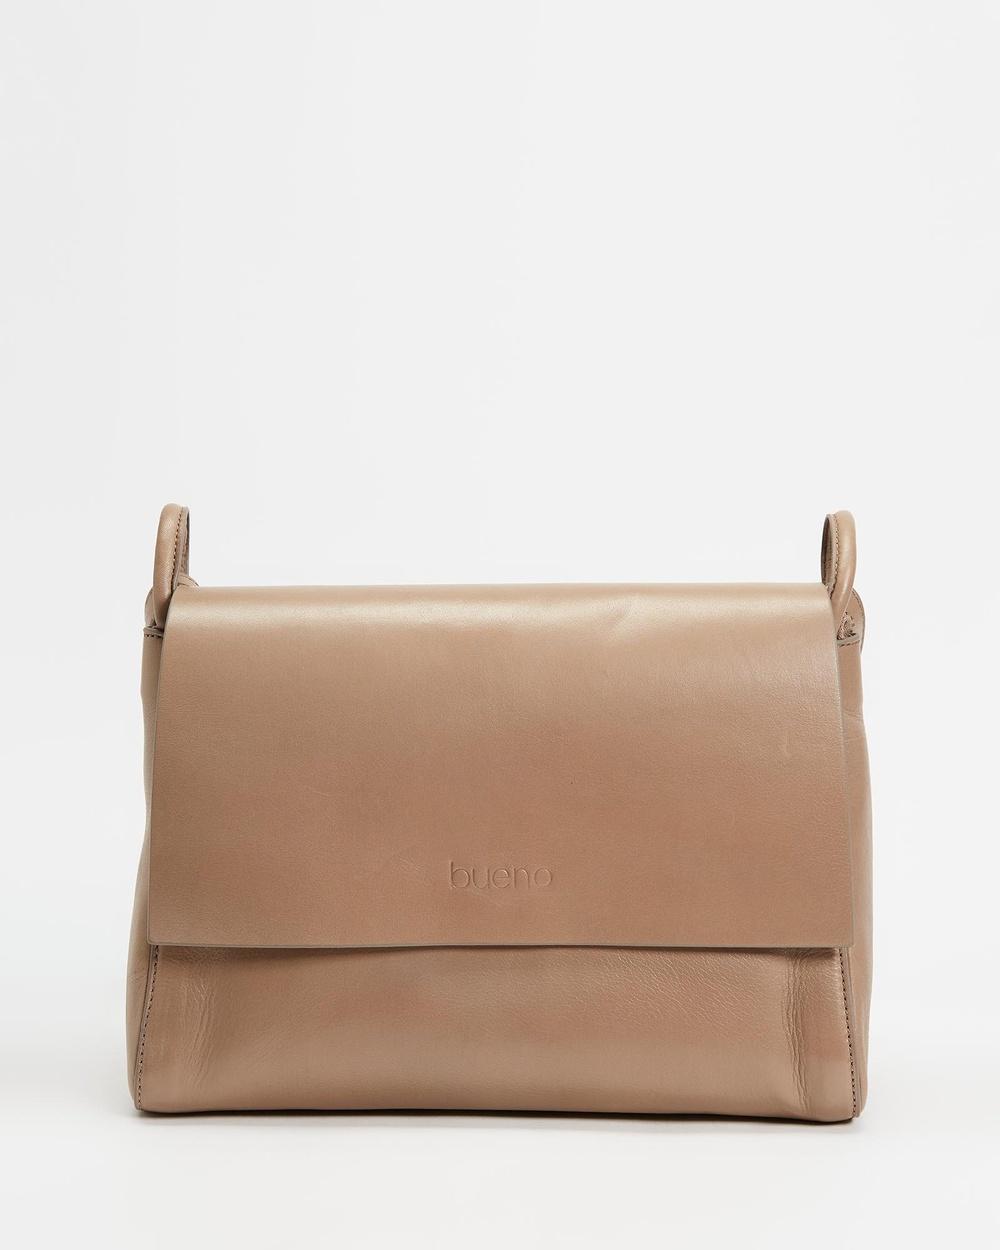 Bueno Delaney Handbags Darkstone Cross-body bags Australia